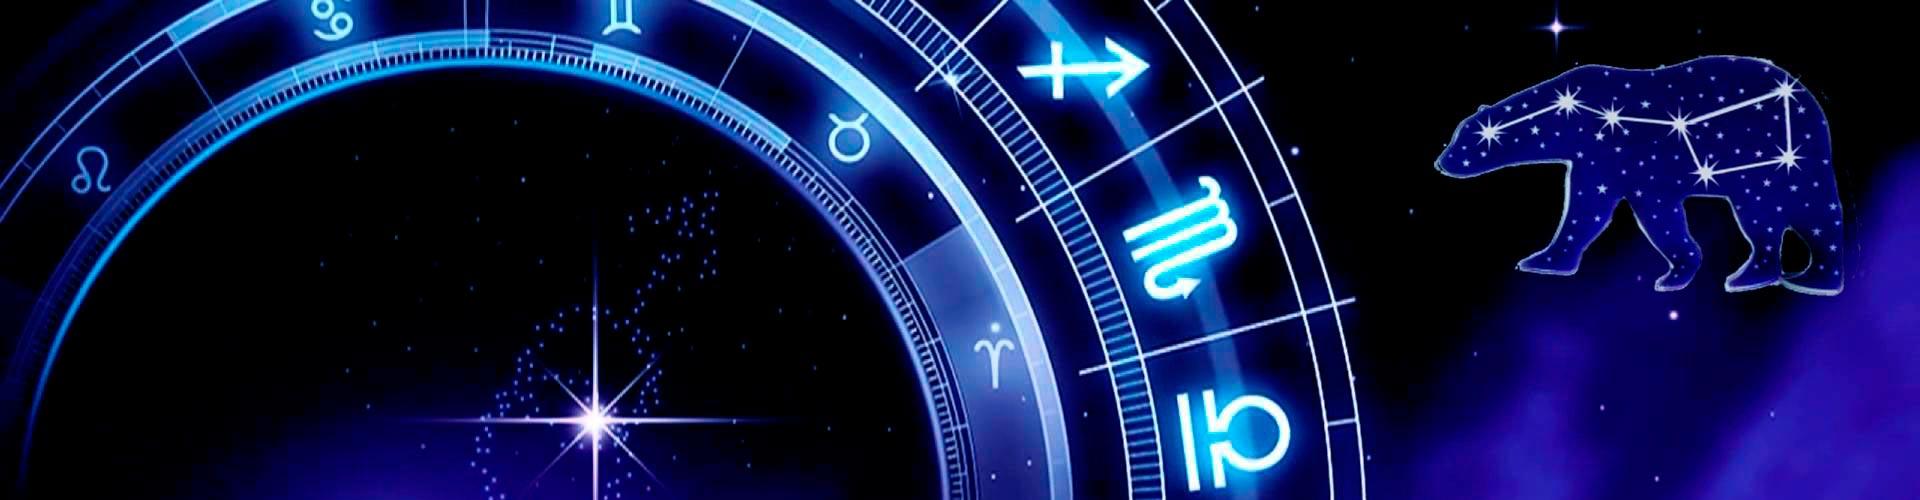 Евразийский Астрологический Институт